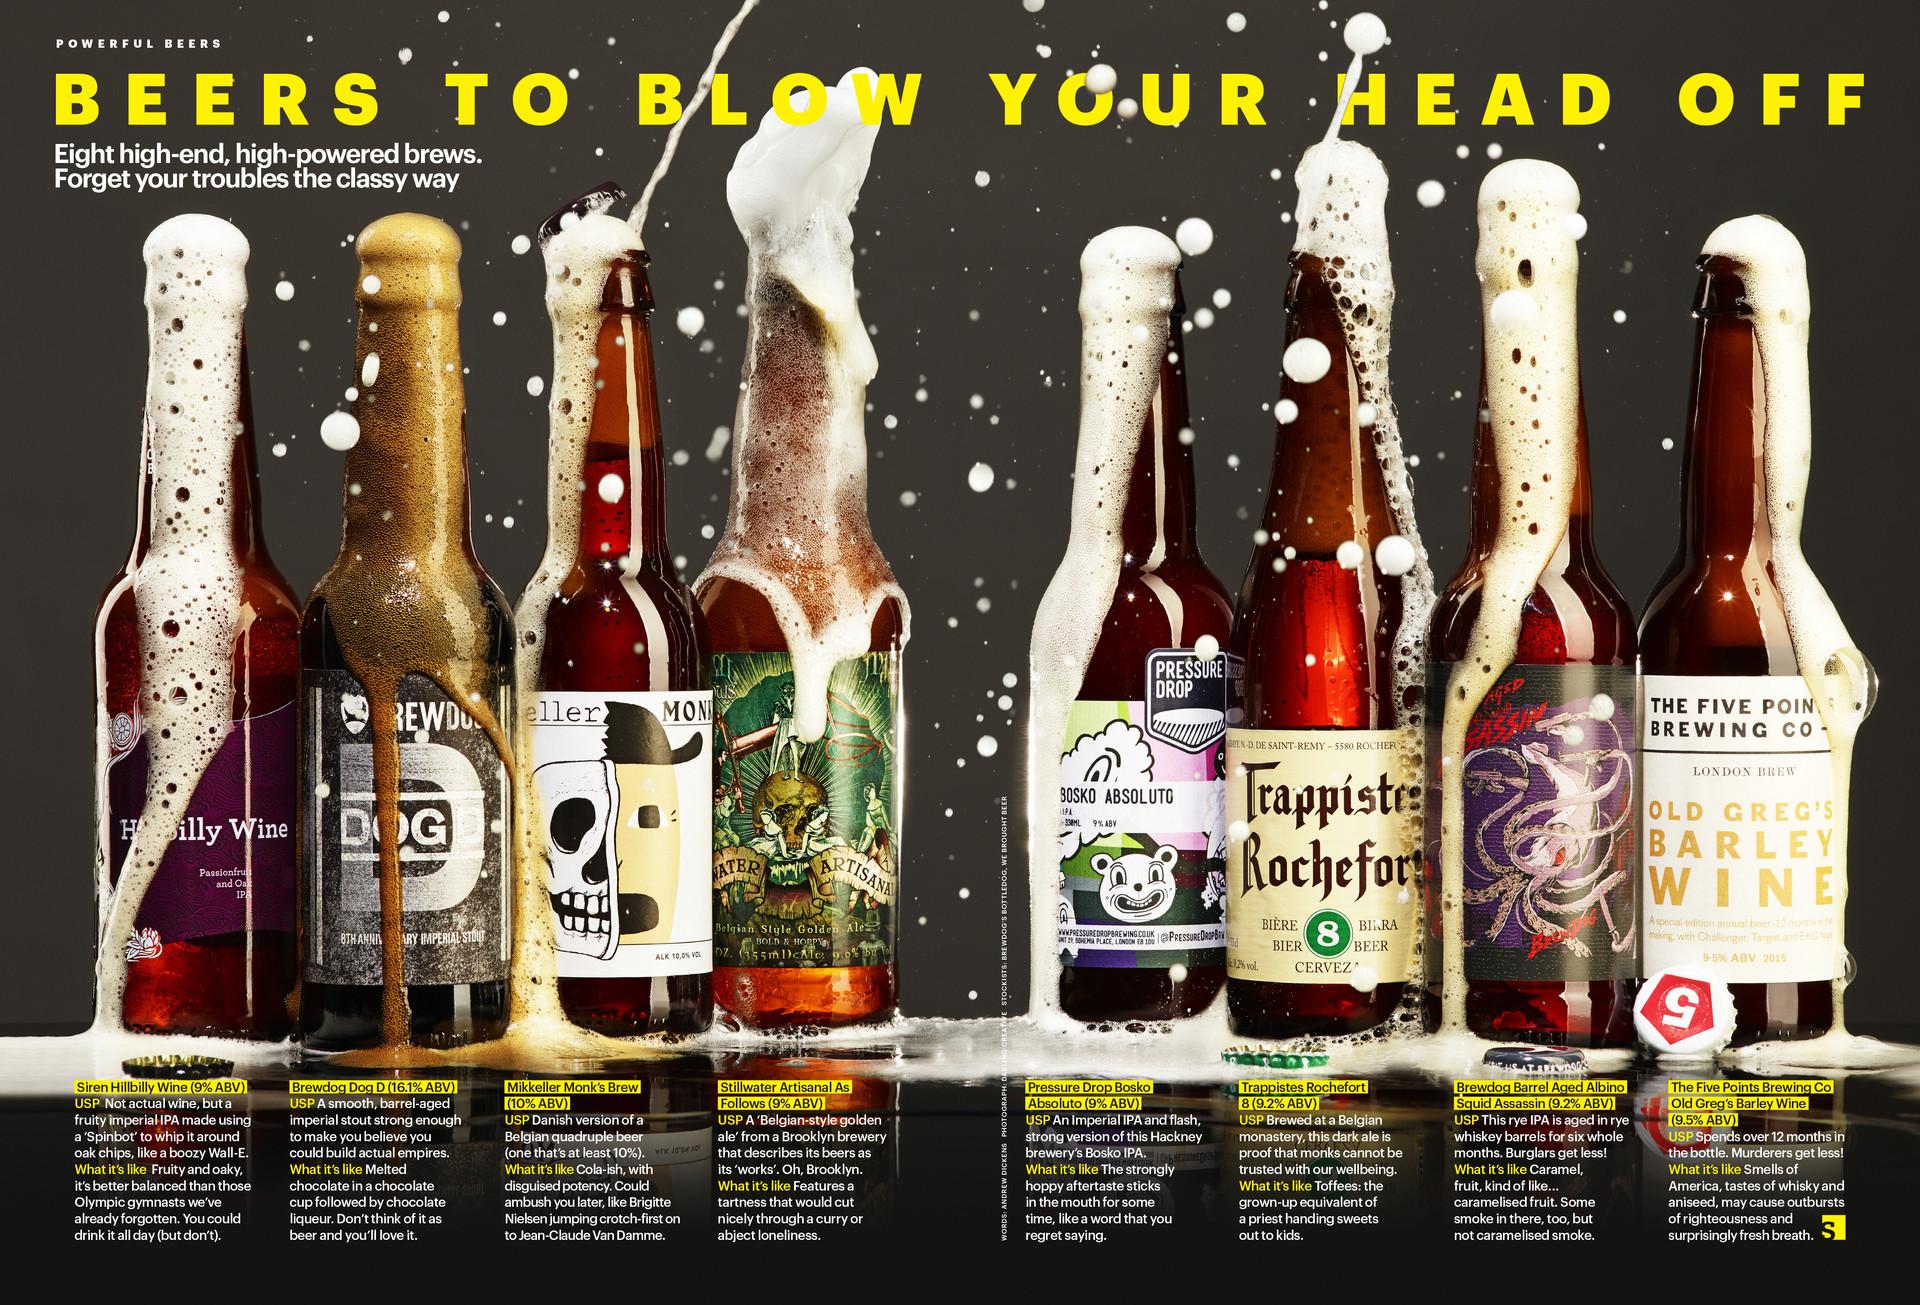 441_feat_beers_.jpg